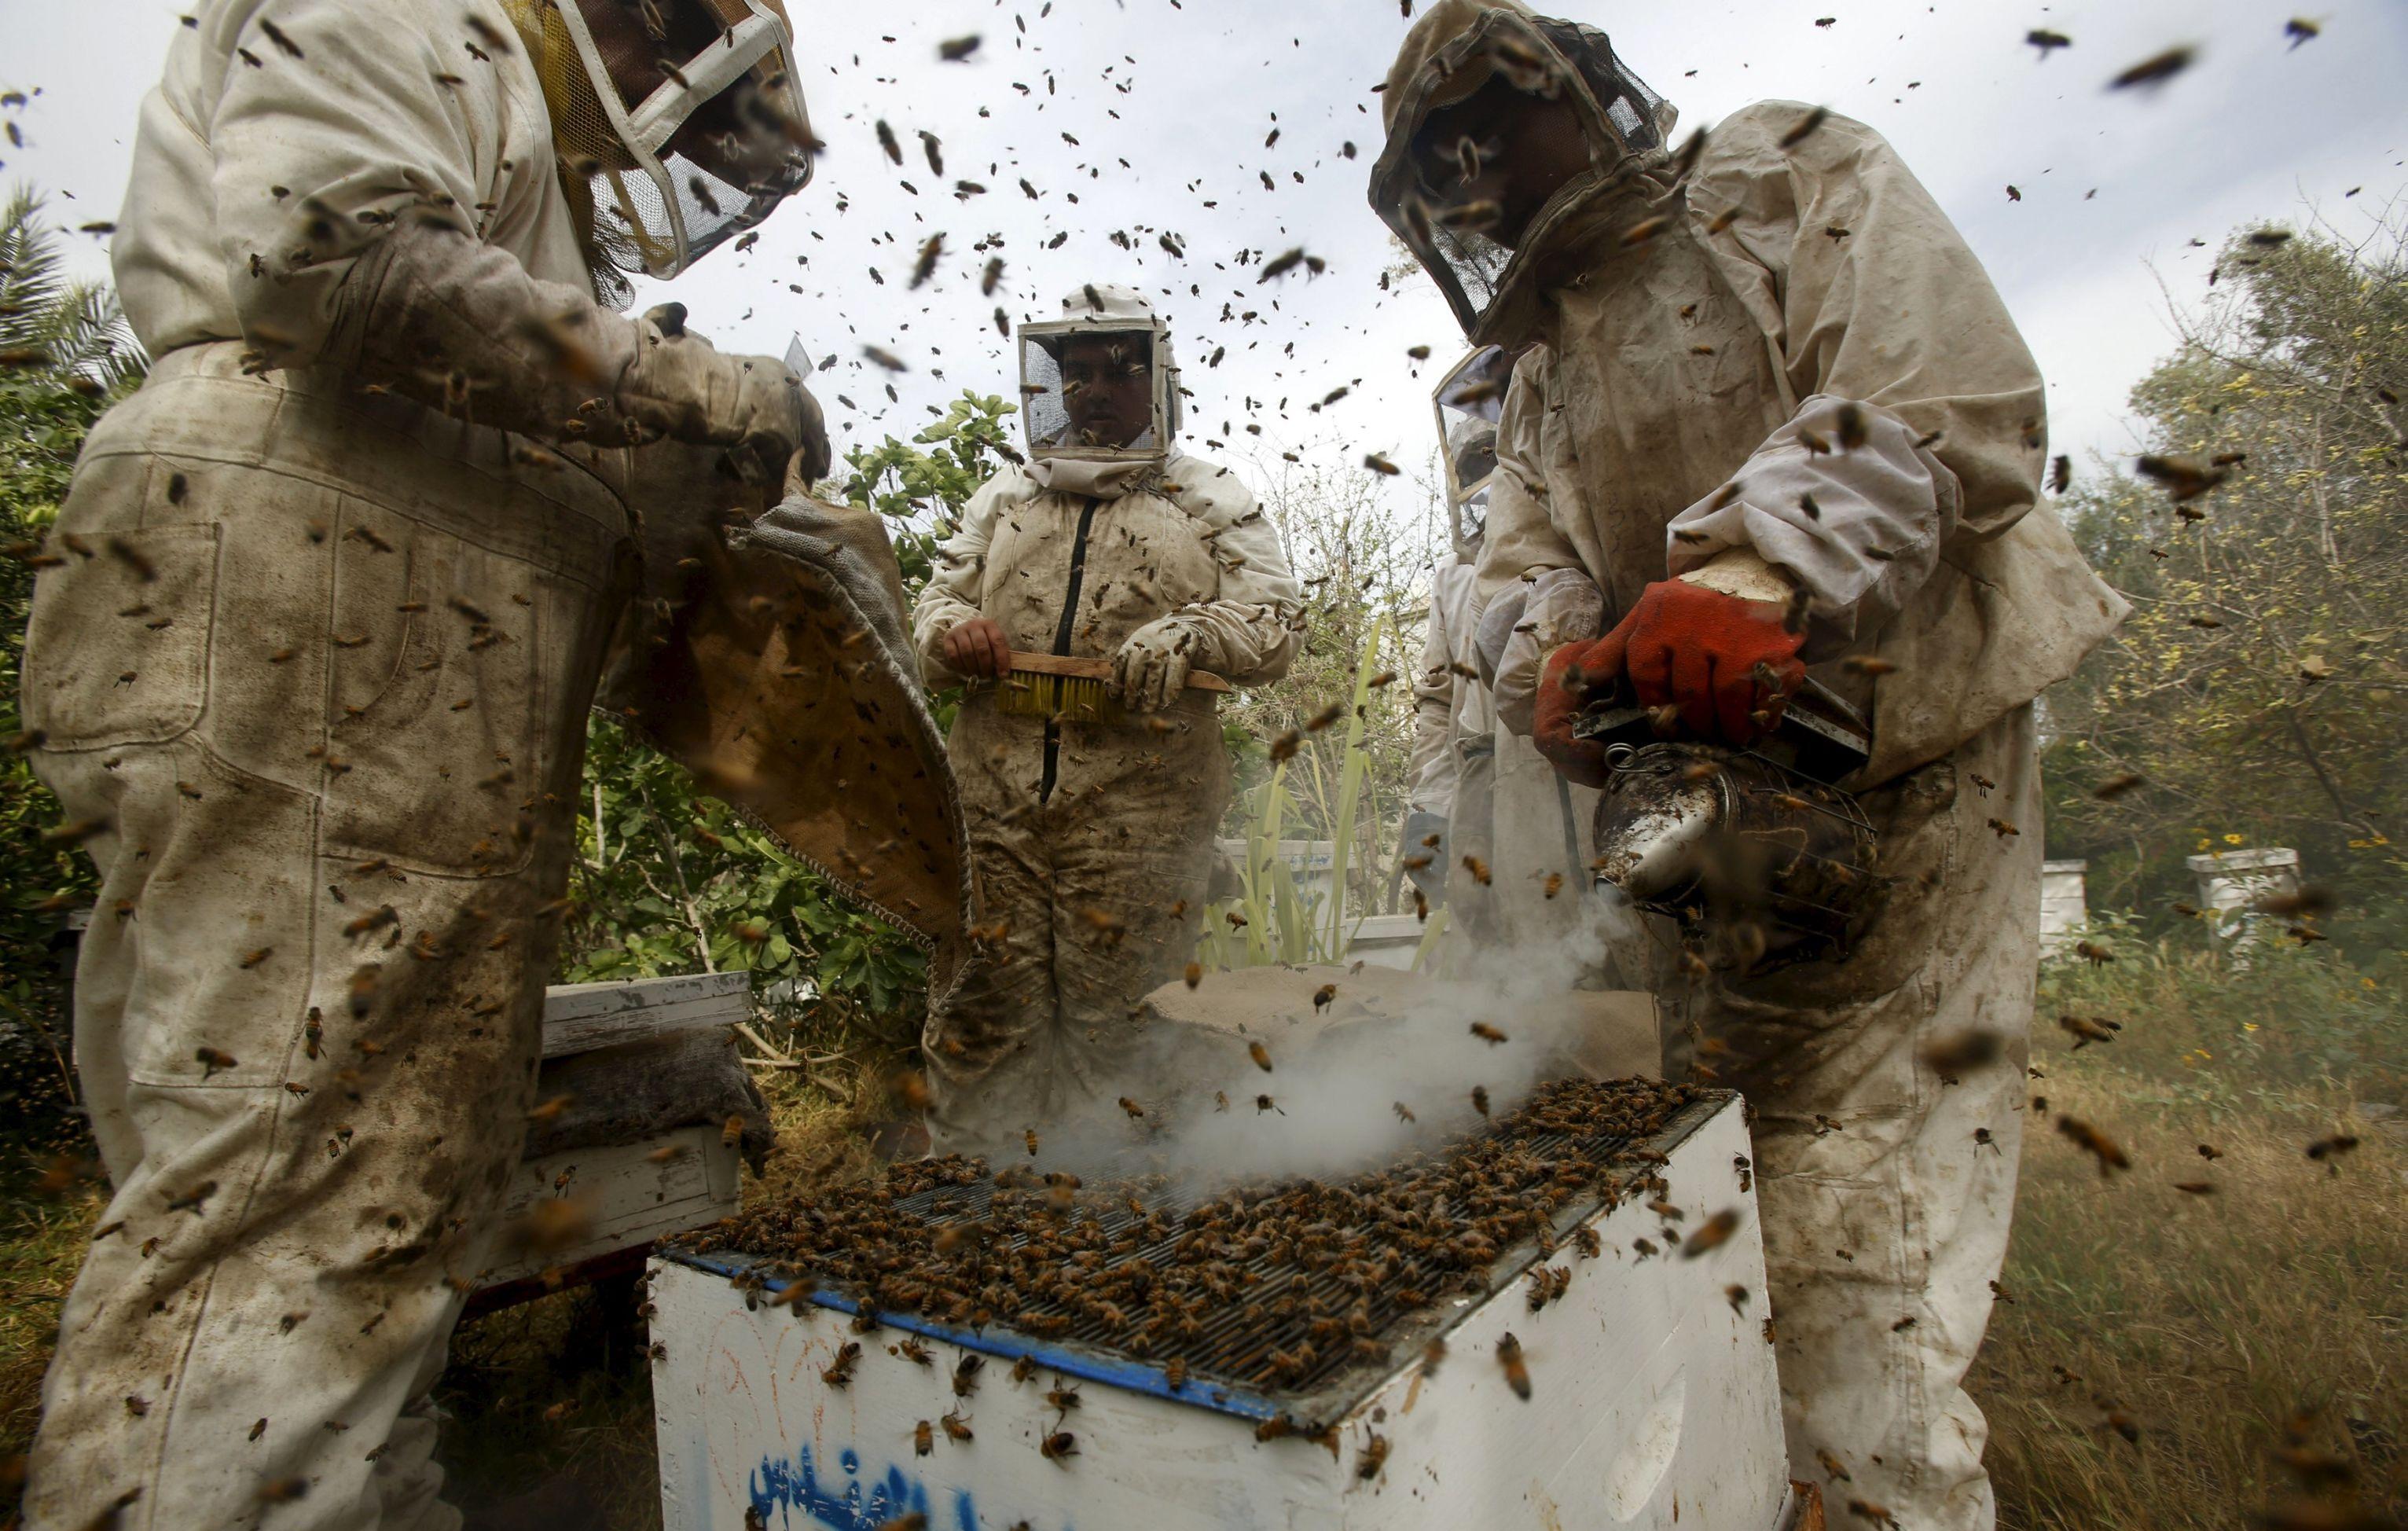 Apicultores extraindo mel